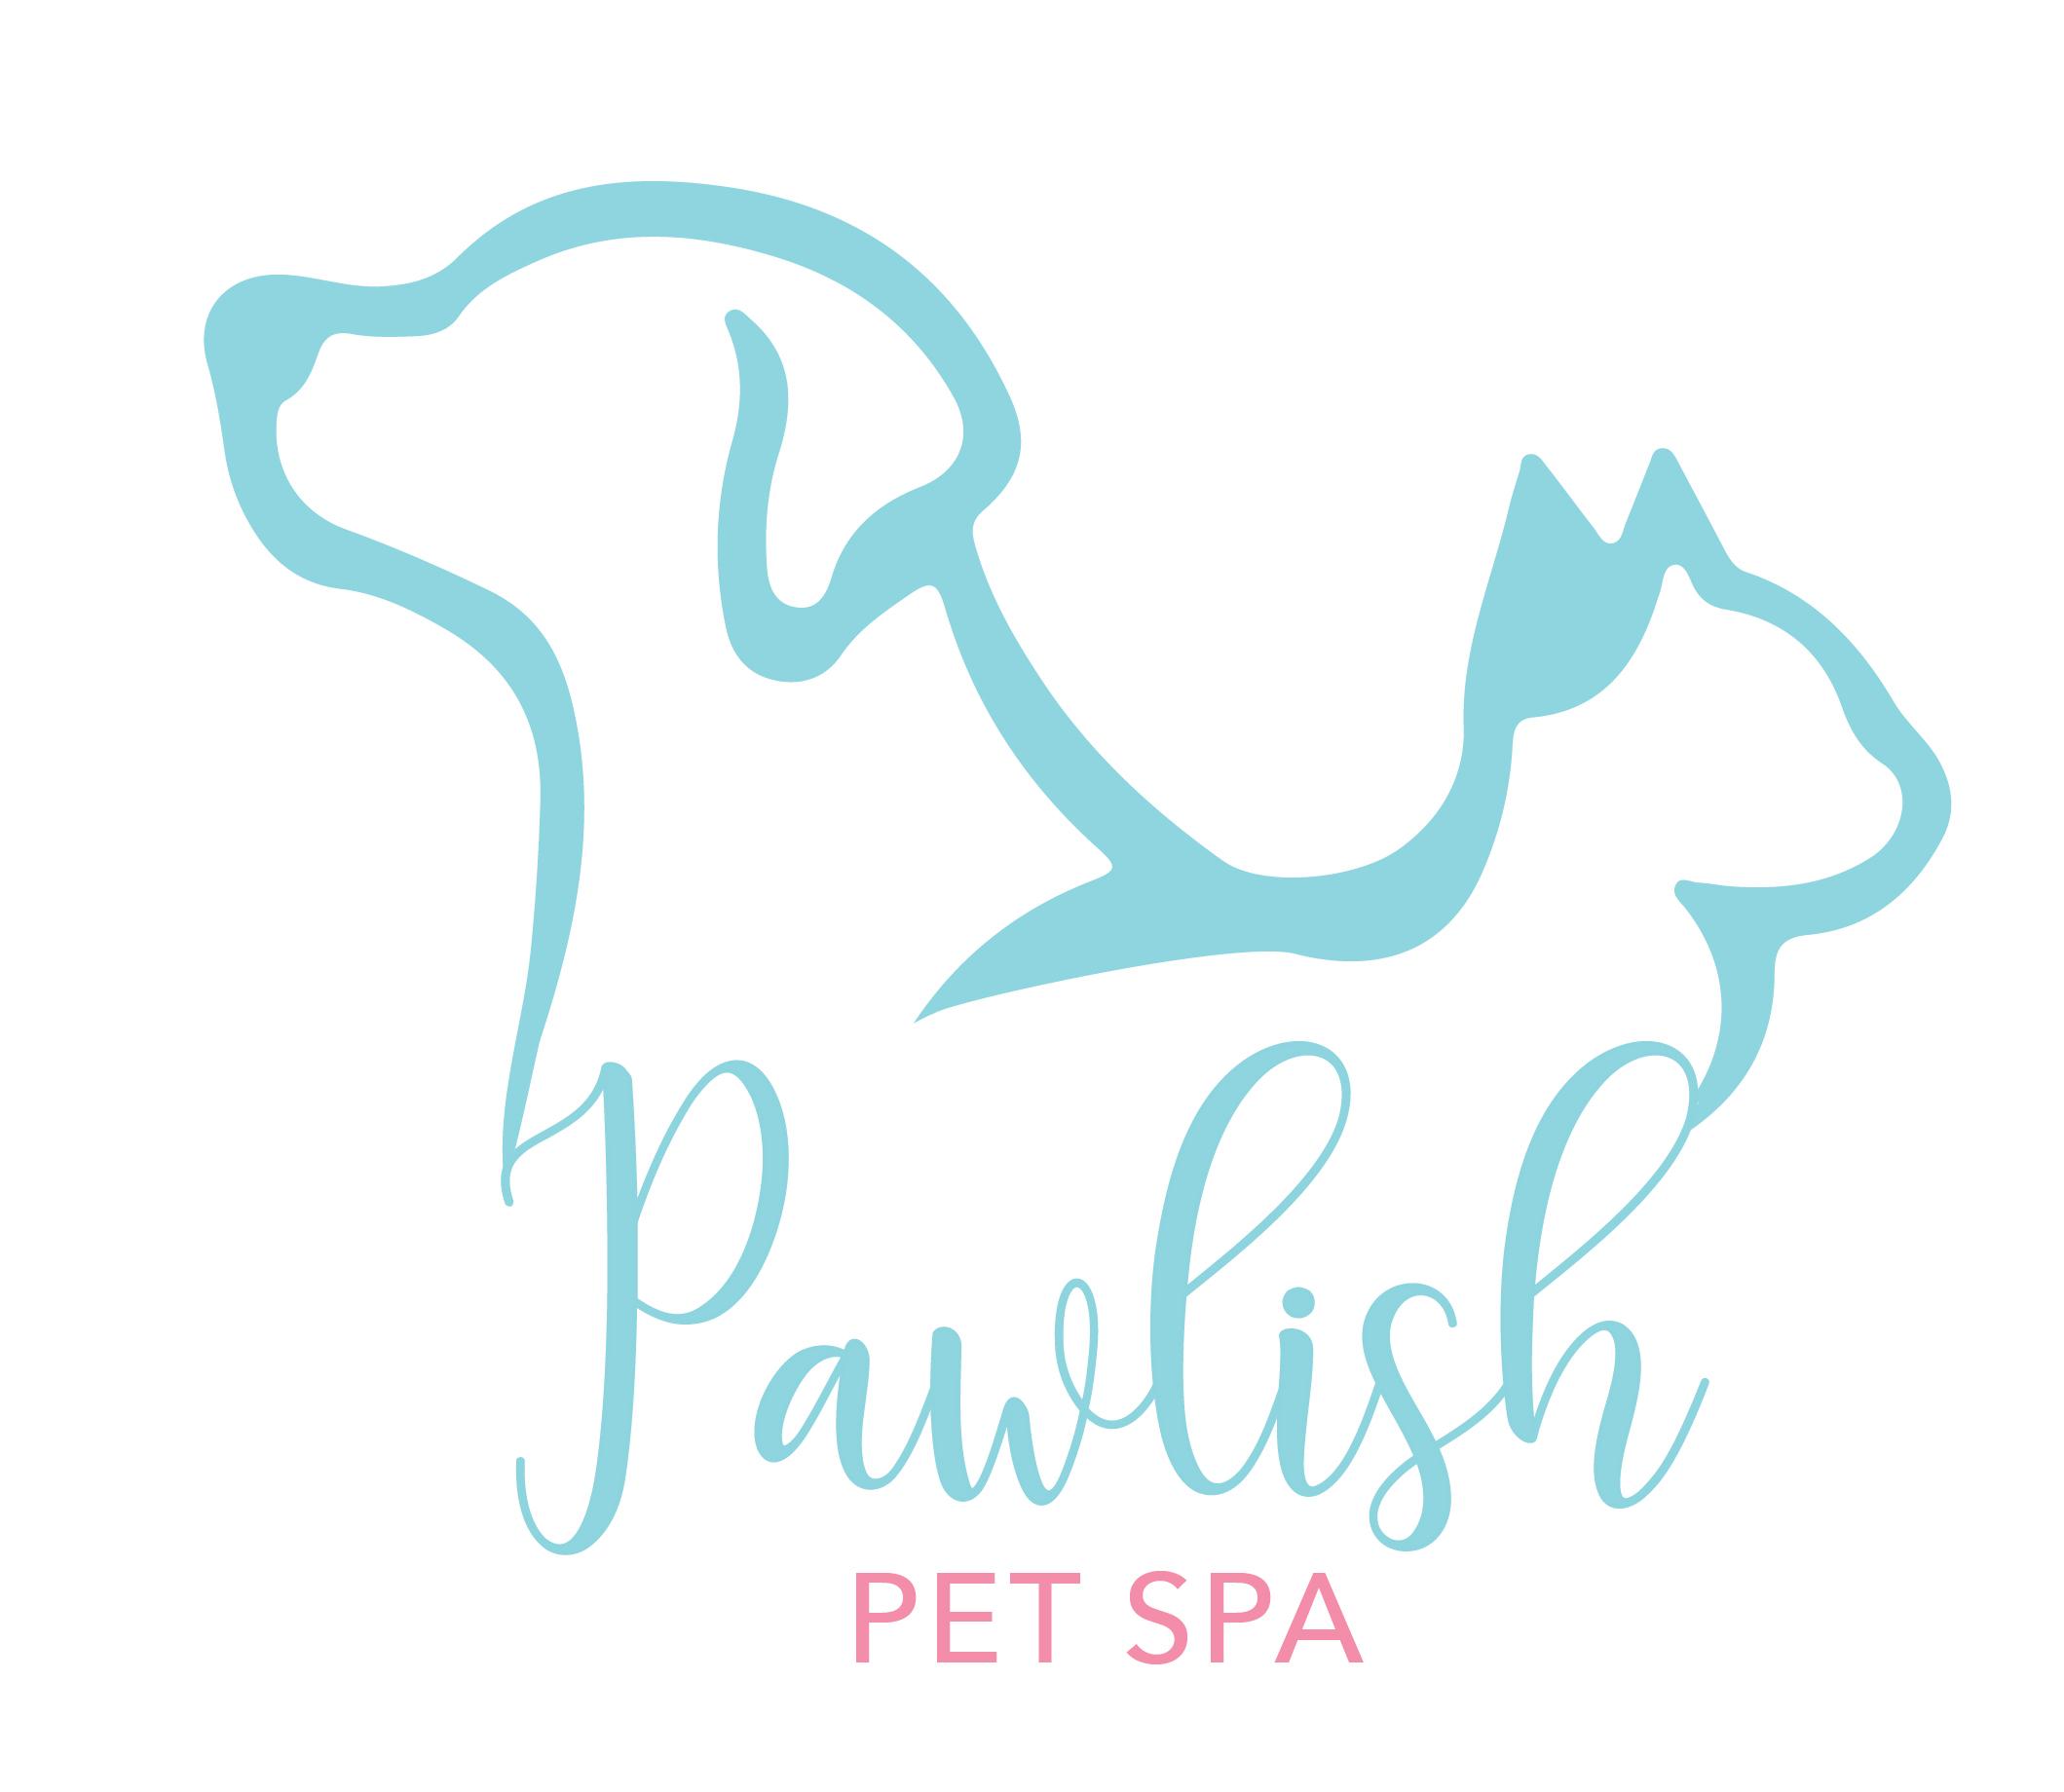 pawlish_finallogo-01